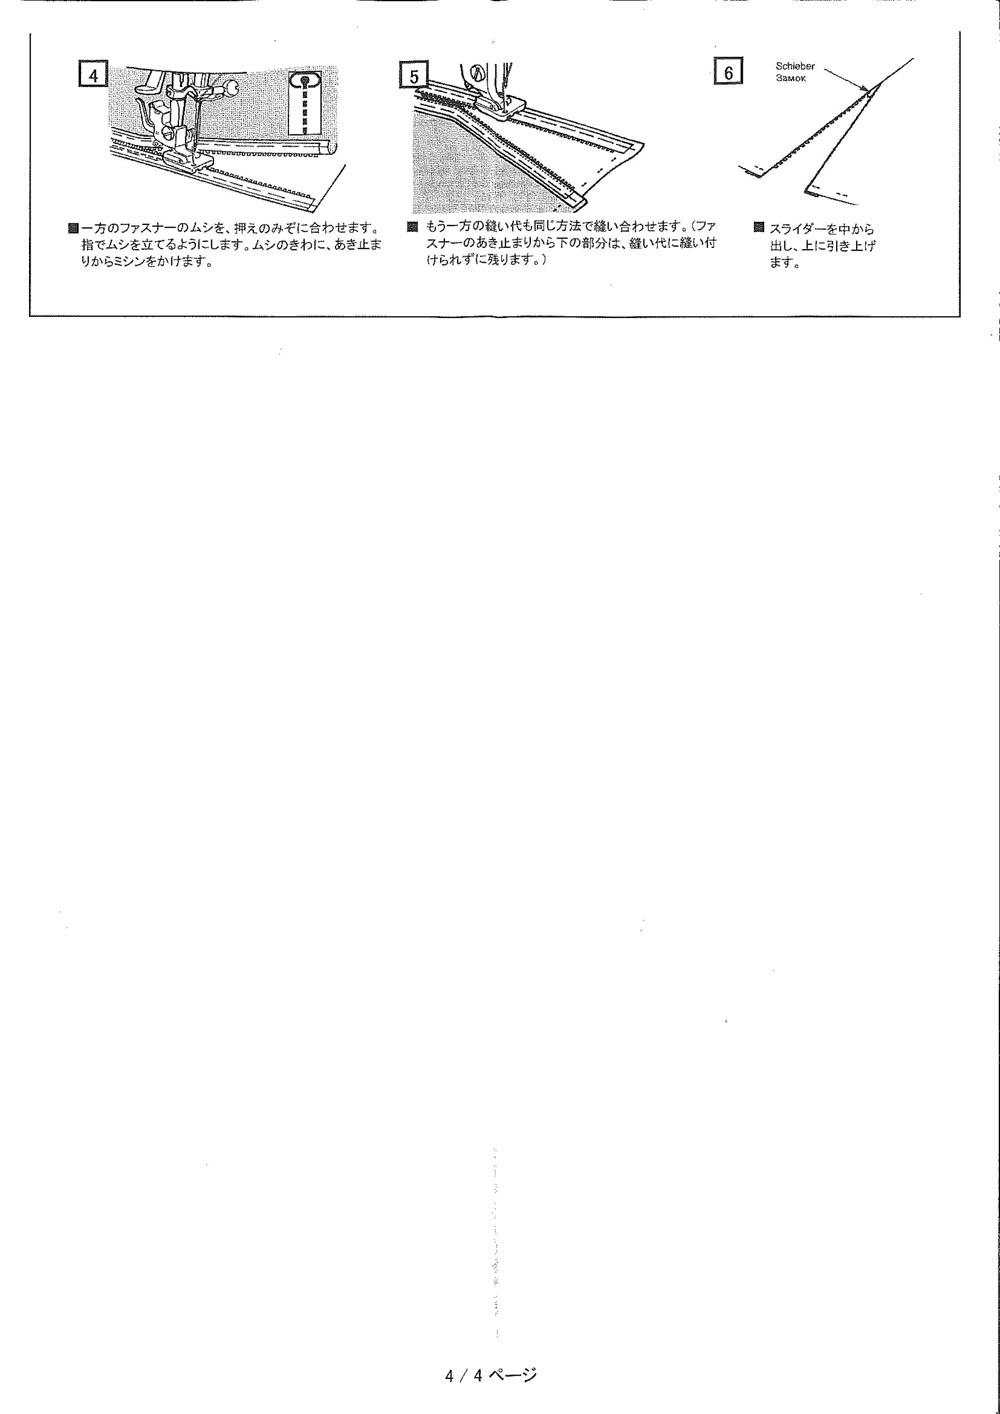 【送料無料】 ヘビーユーザーキット HZL-VS200S